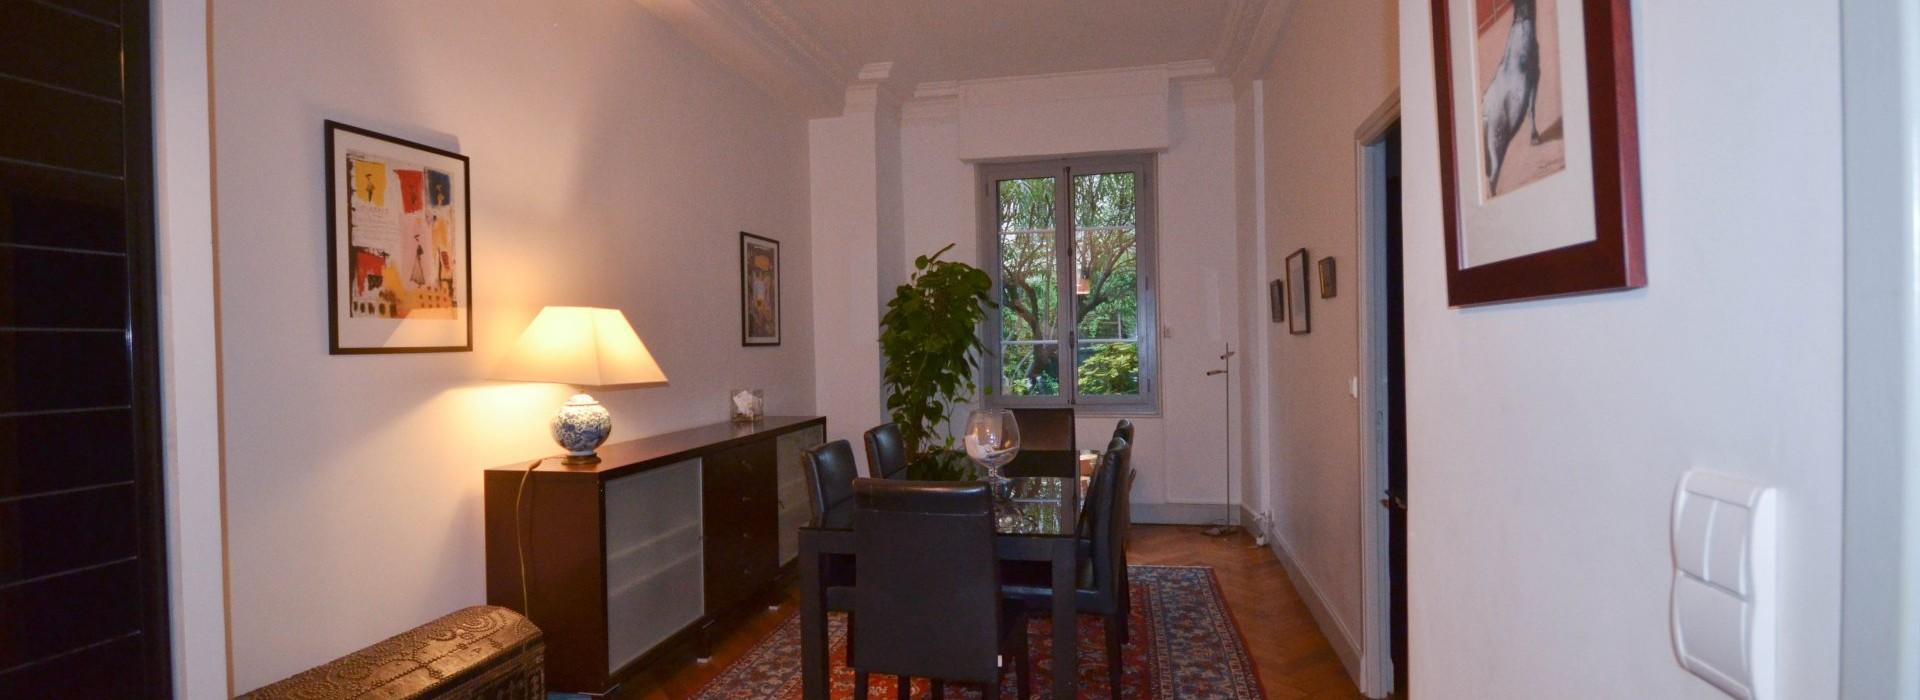 Appartement Nice 5 Pièces 117m2 645,000€